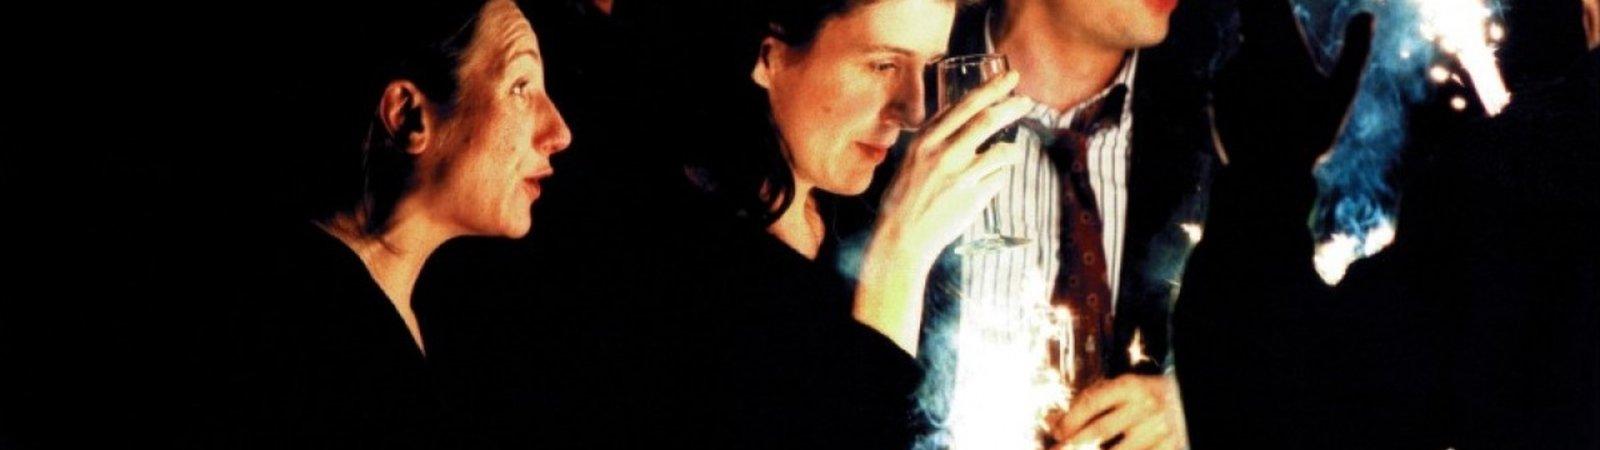 Photo dernier film Siegrid Alnoy